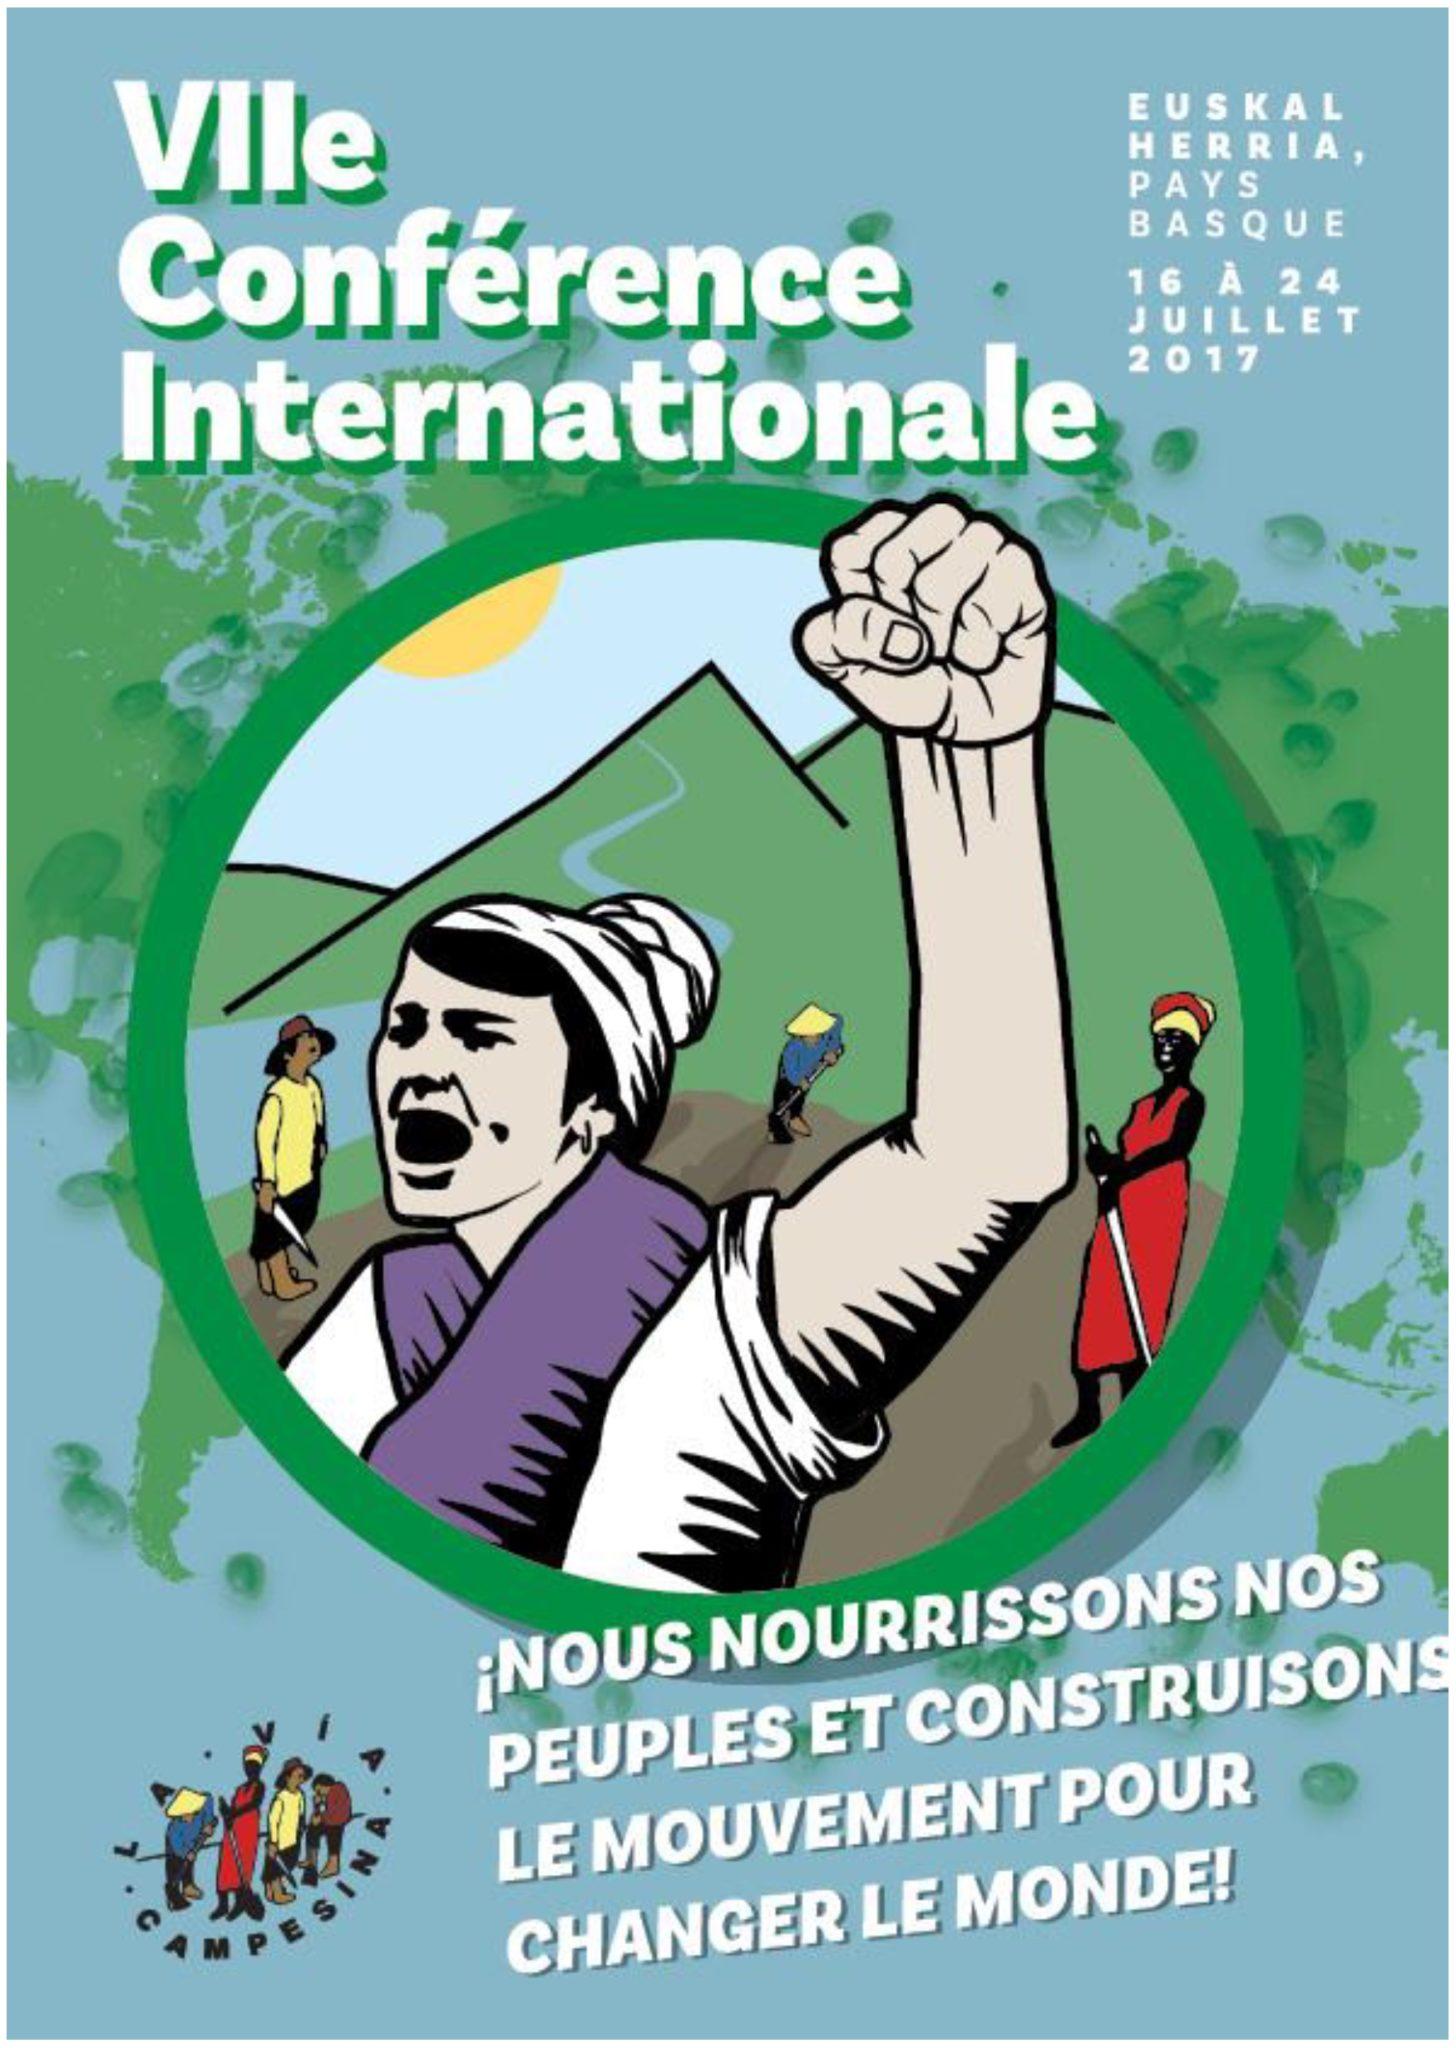 Comunicato Stampa LVC: VII Conferenza Internazionale La Via Campesina